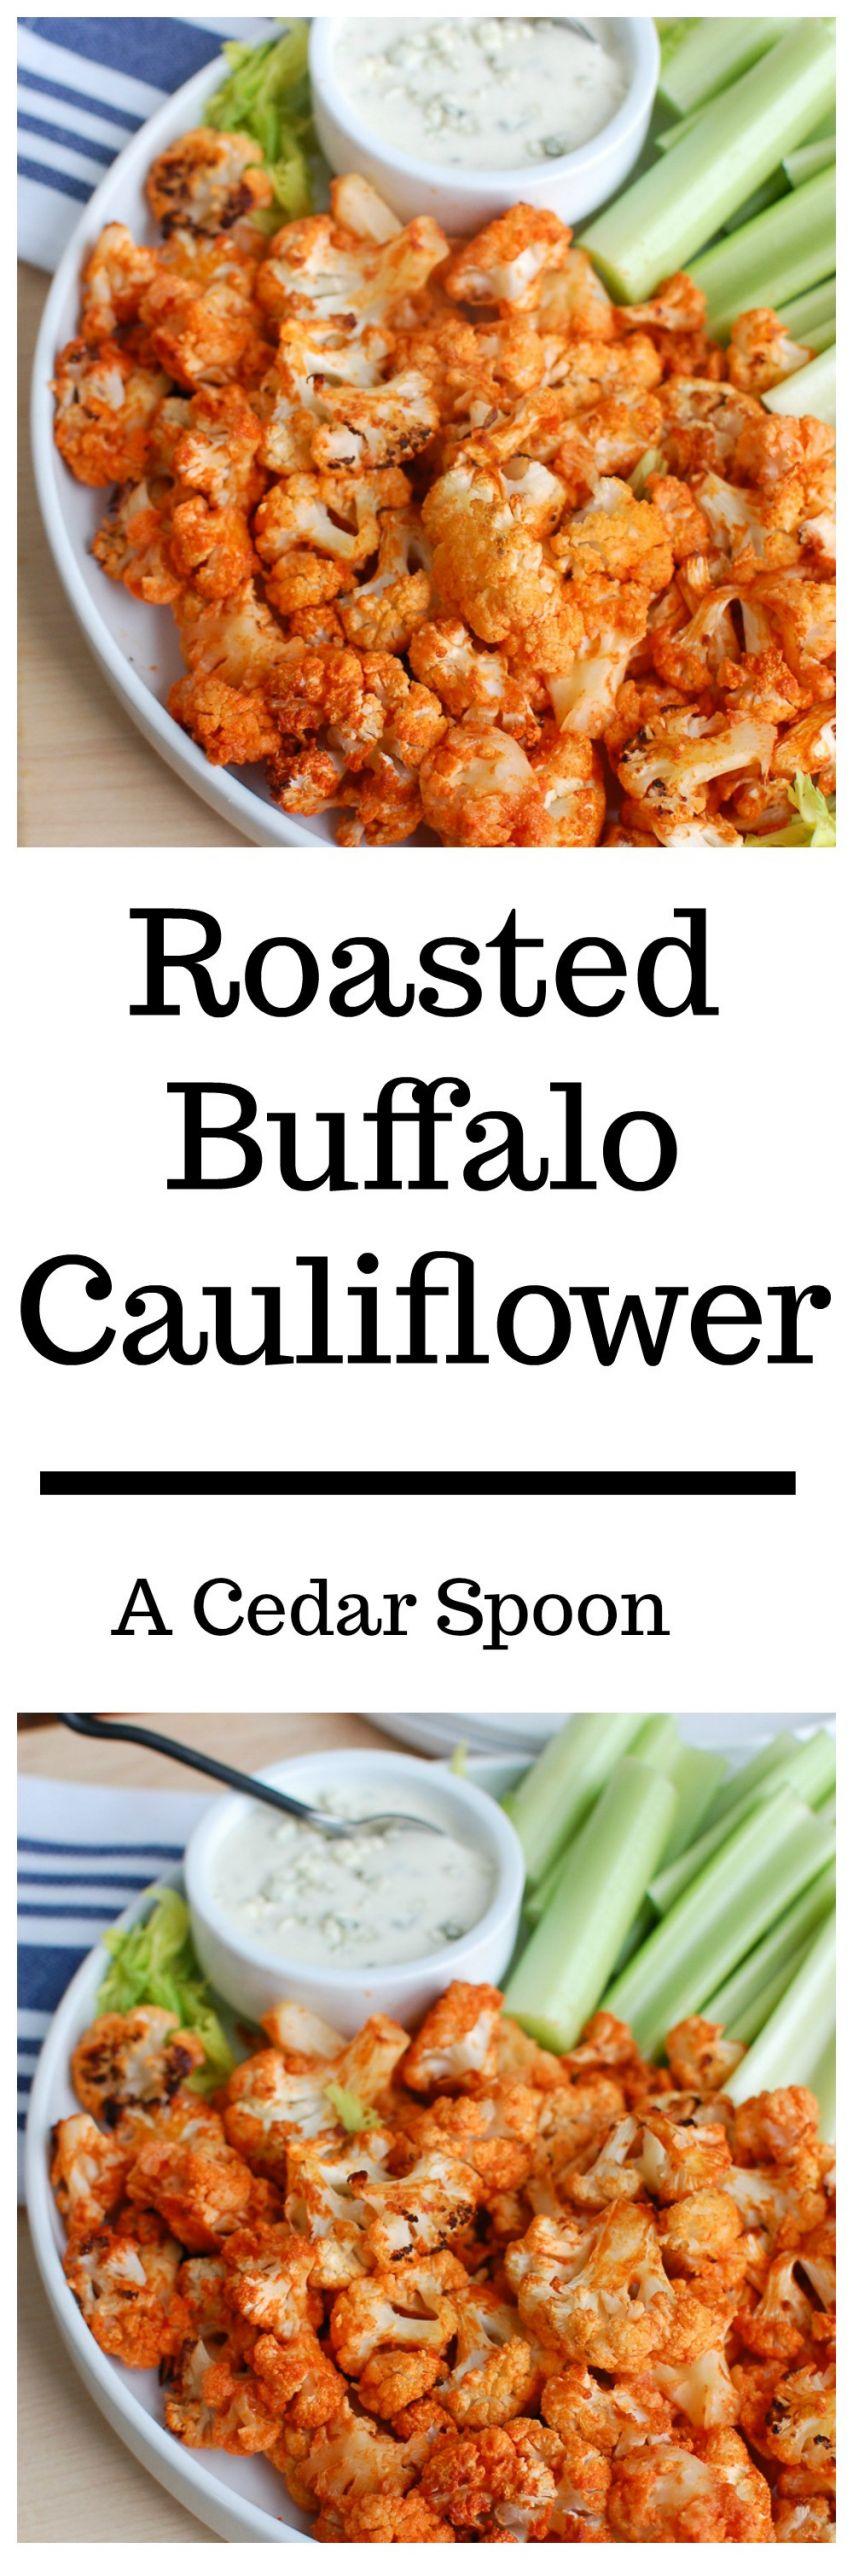 Healthy Buffalo Cauliflower  Roasted Buffalo Cauliflower A Cedar Spoon